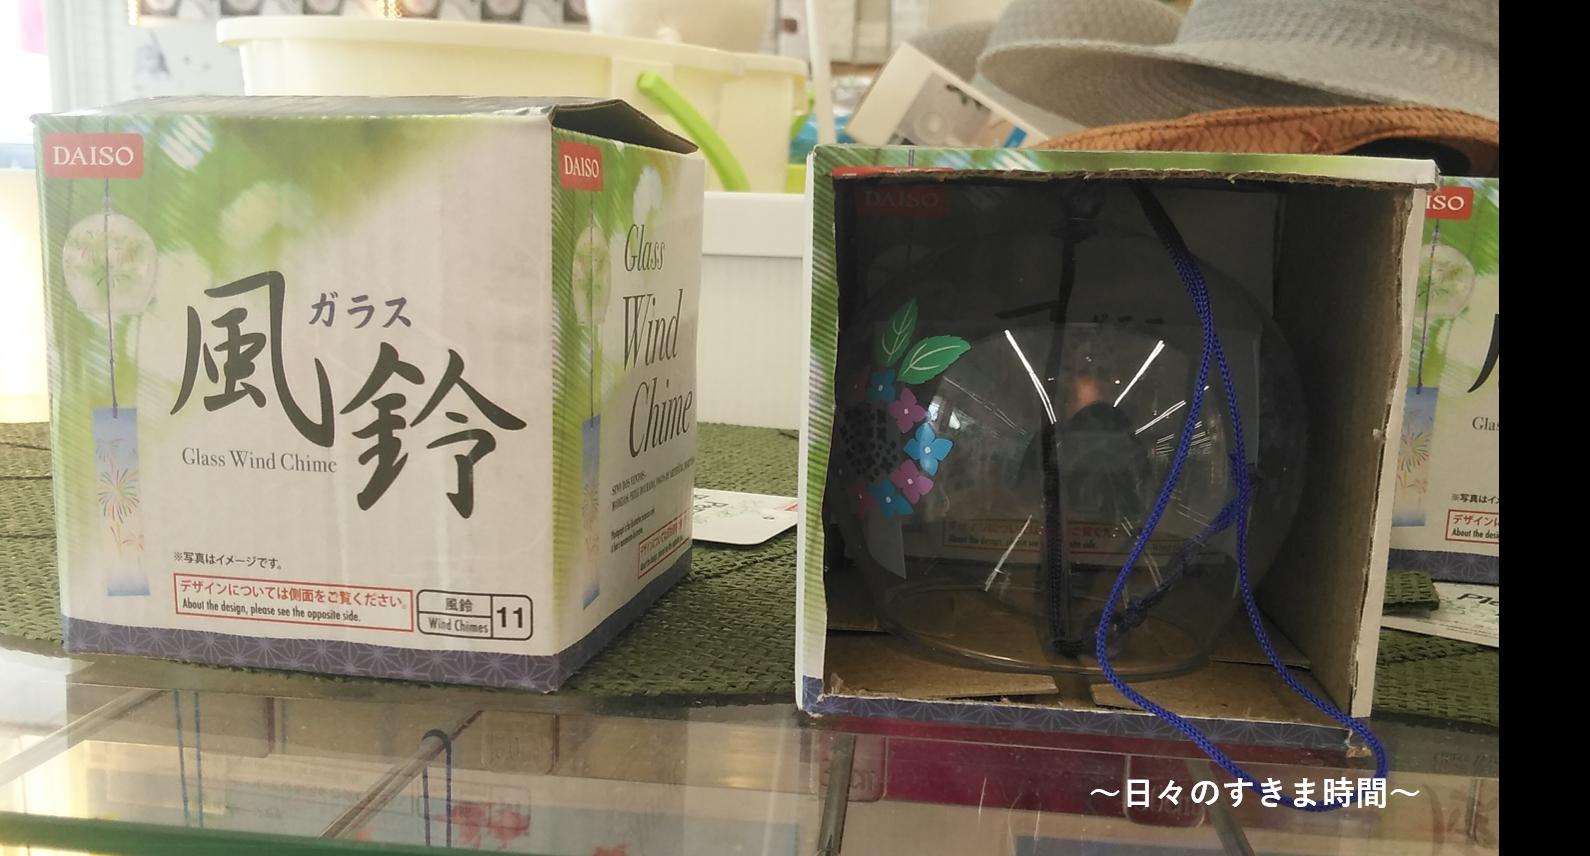 ダイソー風鈴2